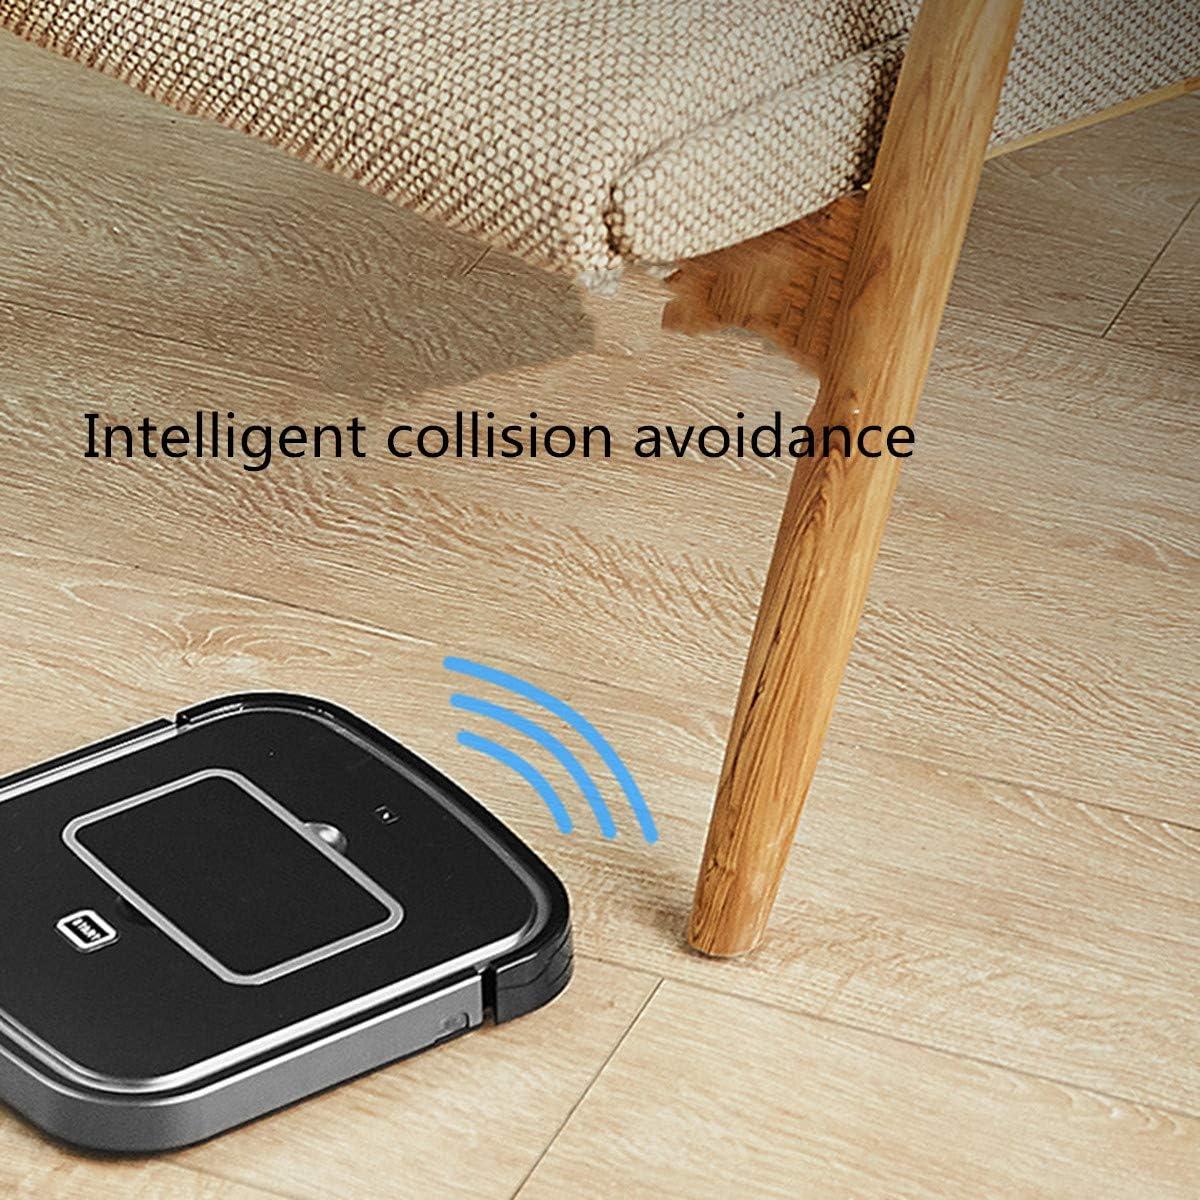 HL Robot Cleaner Intelligente Anti-collisione Anti-Caduta Grande aspirazione Muto, Adatto per la Moquette Piccola casa Pavimento-Grey White